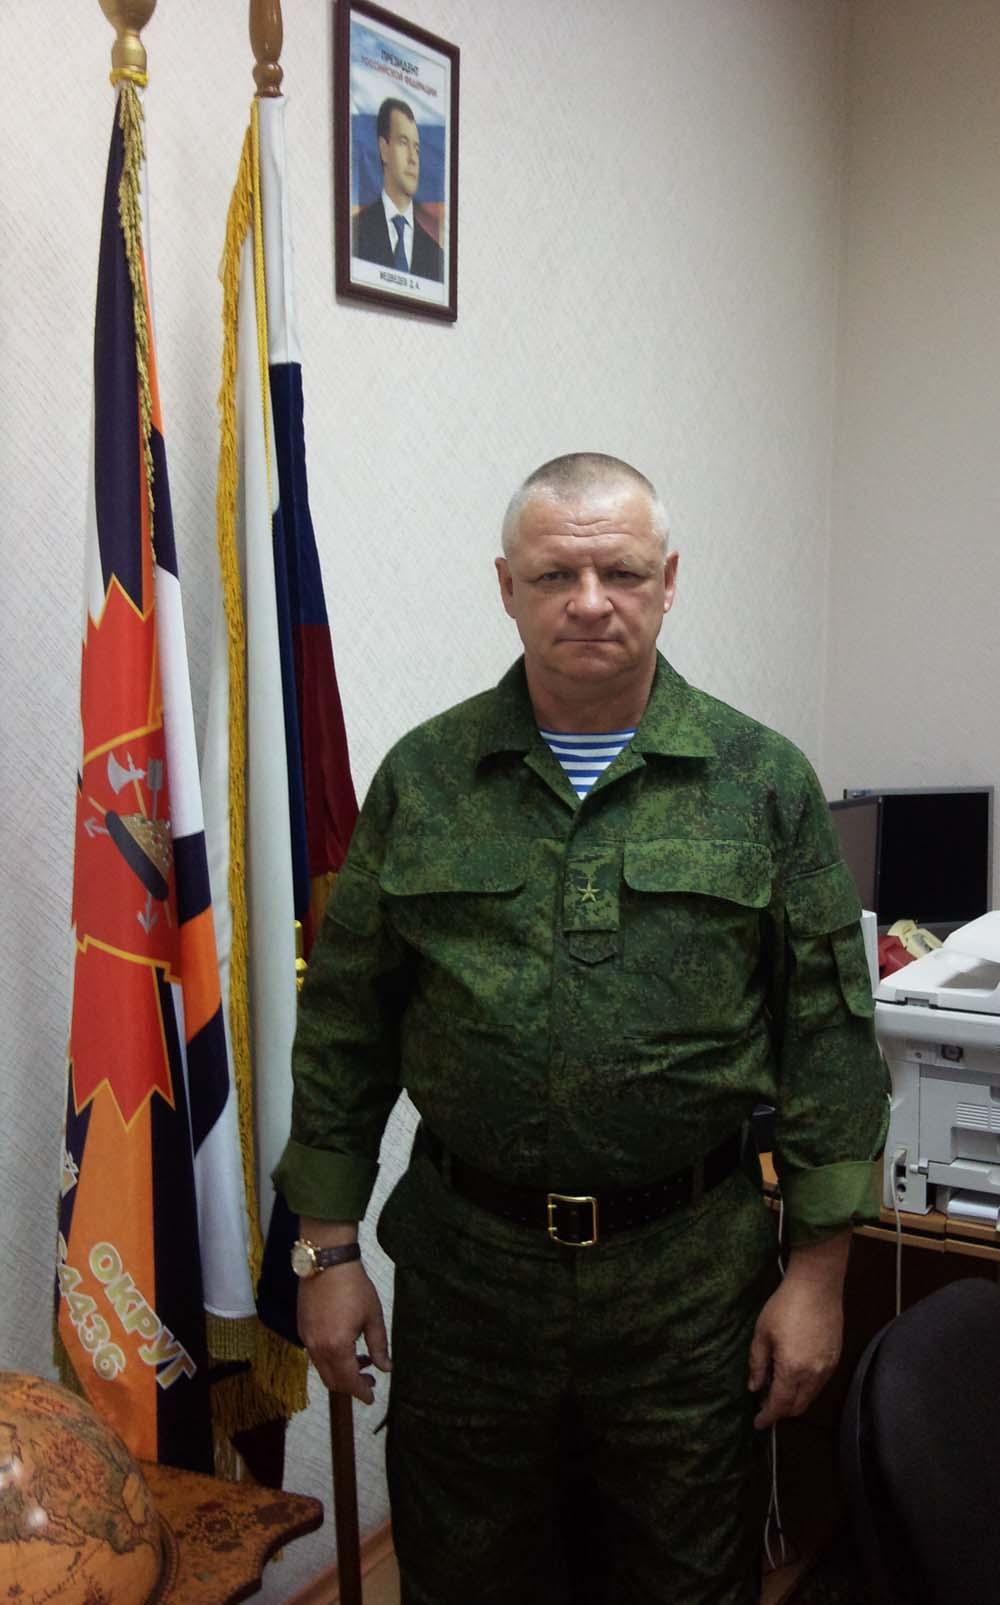 Командование специальных операций России: концепция создания от Сергея Канчукова